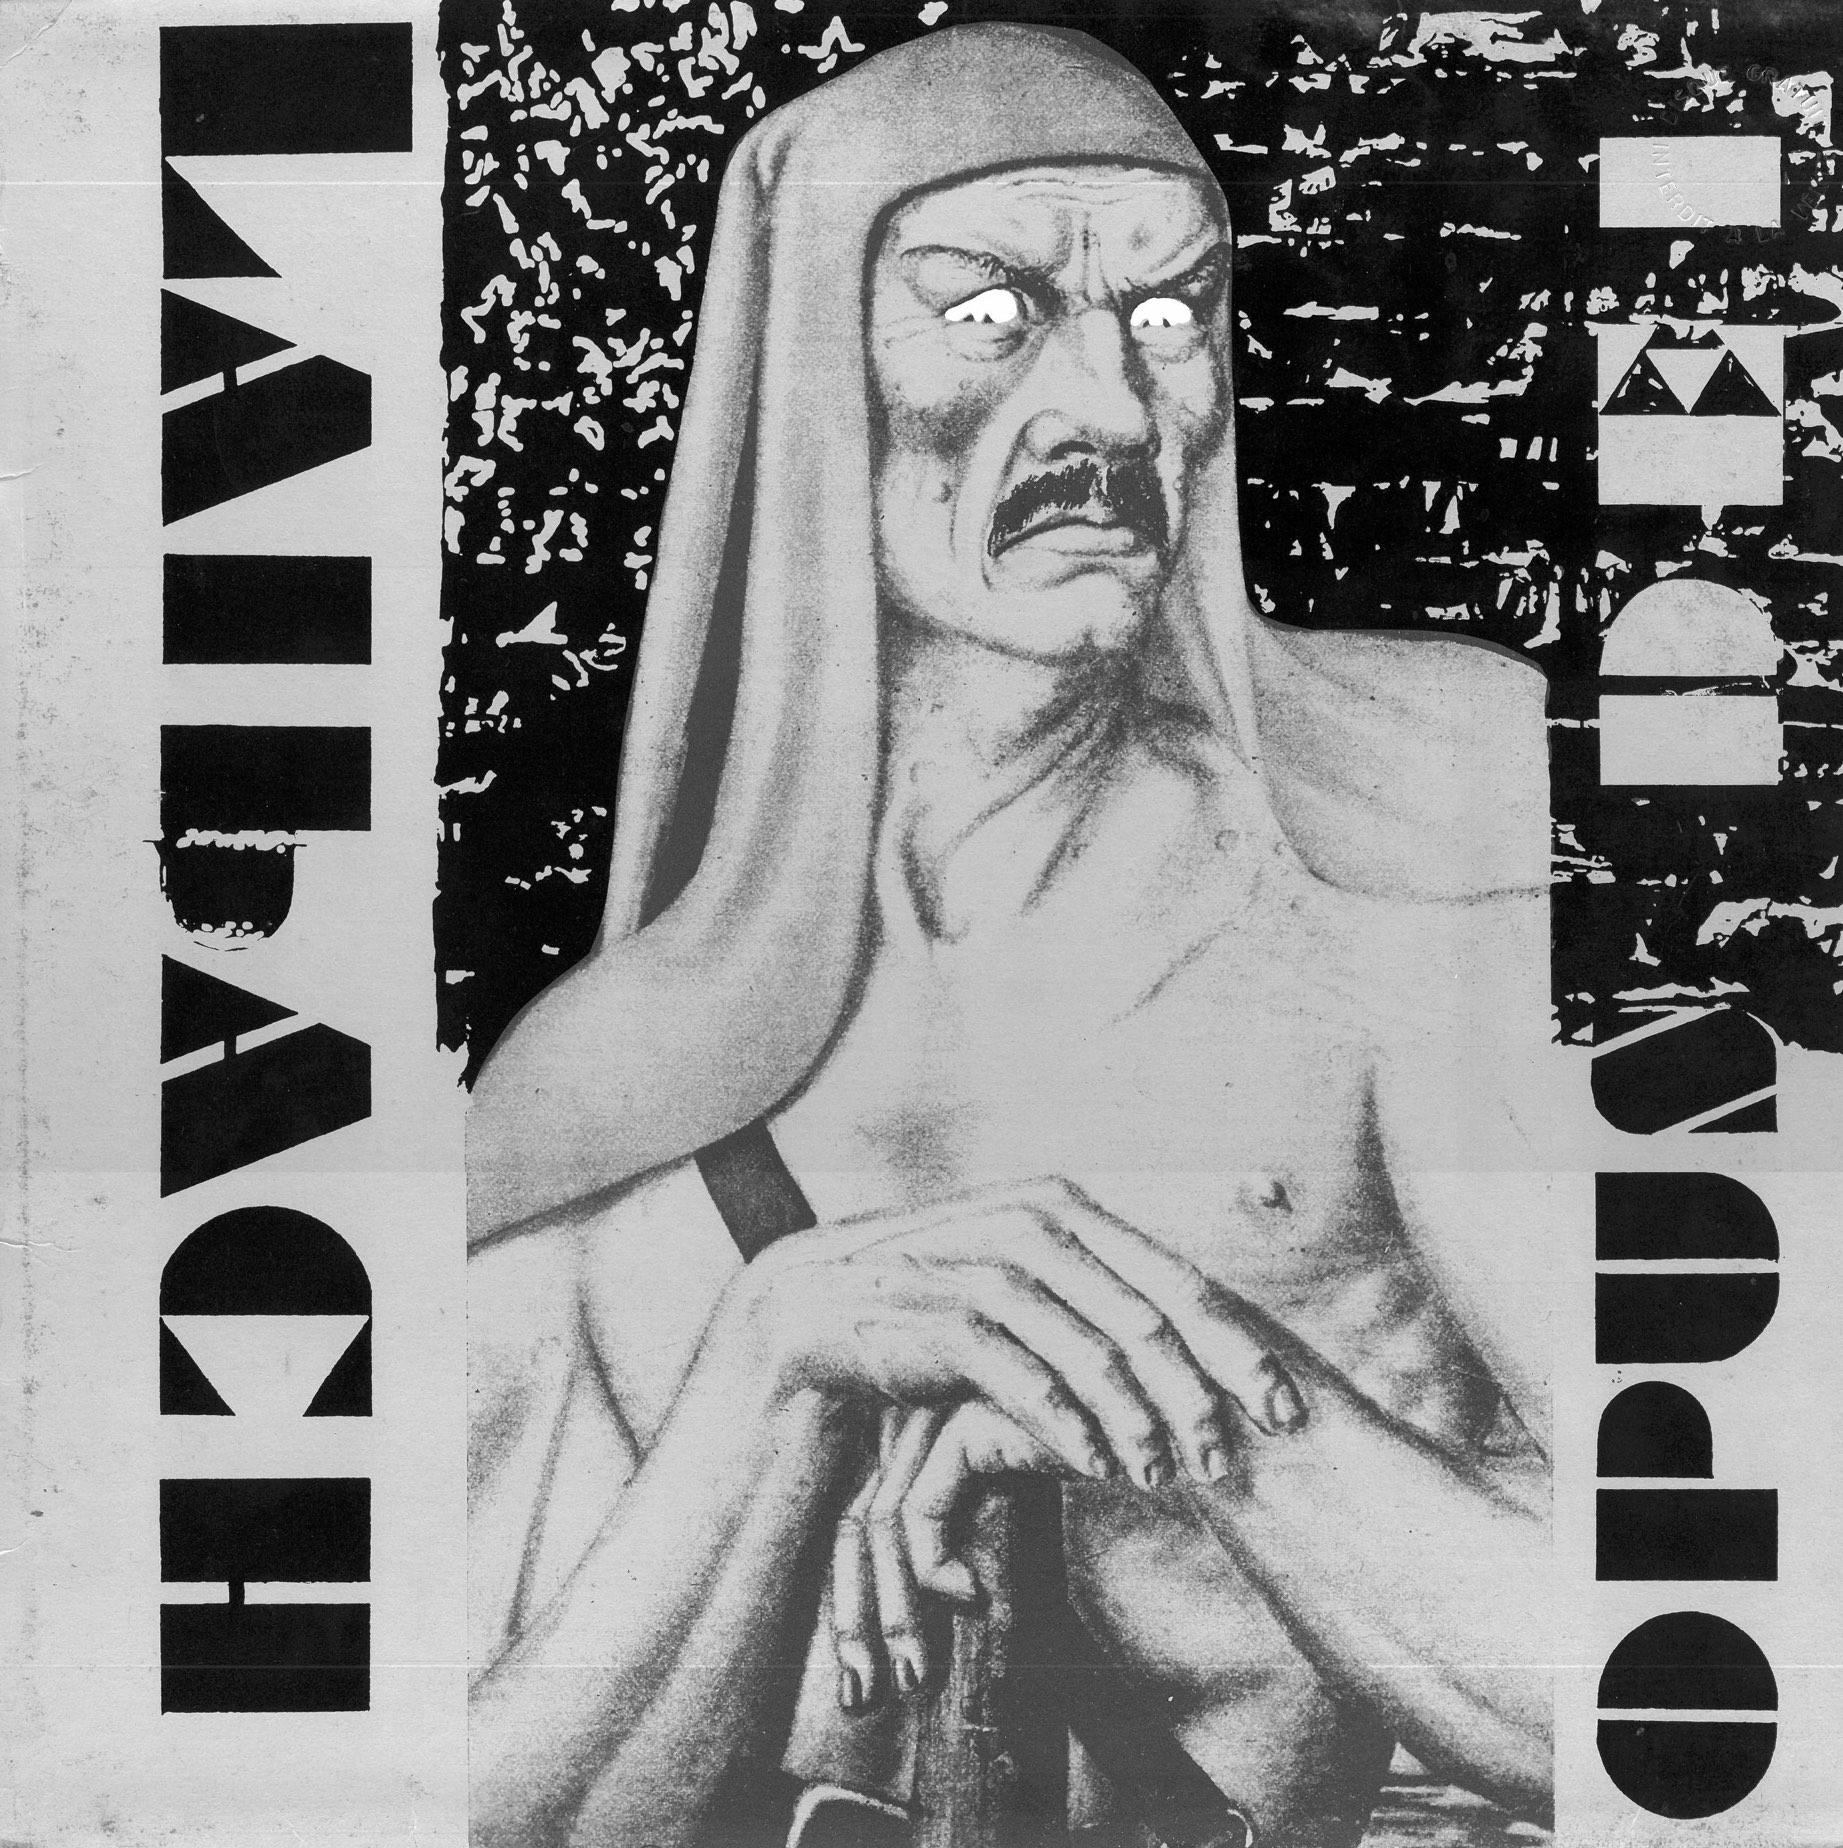 1986_Laibach